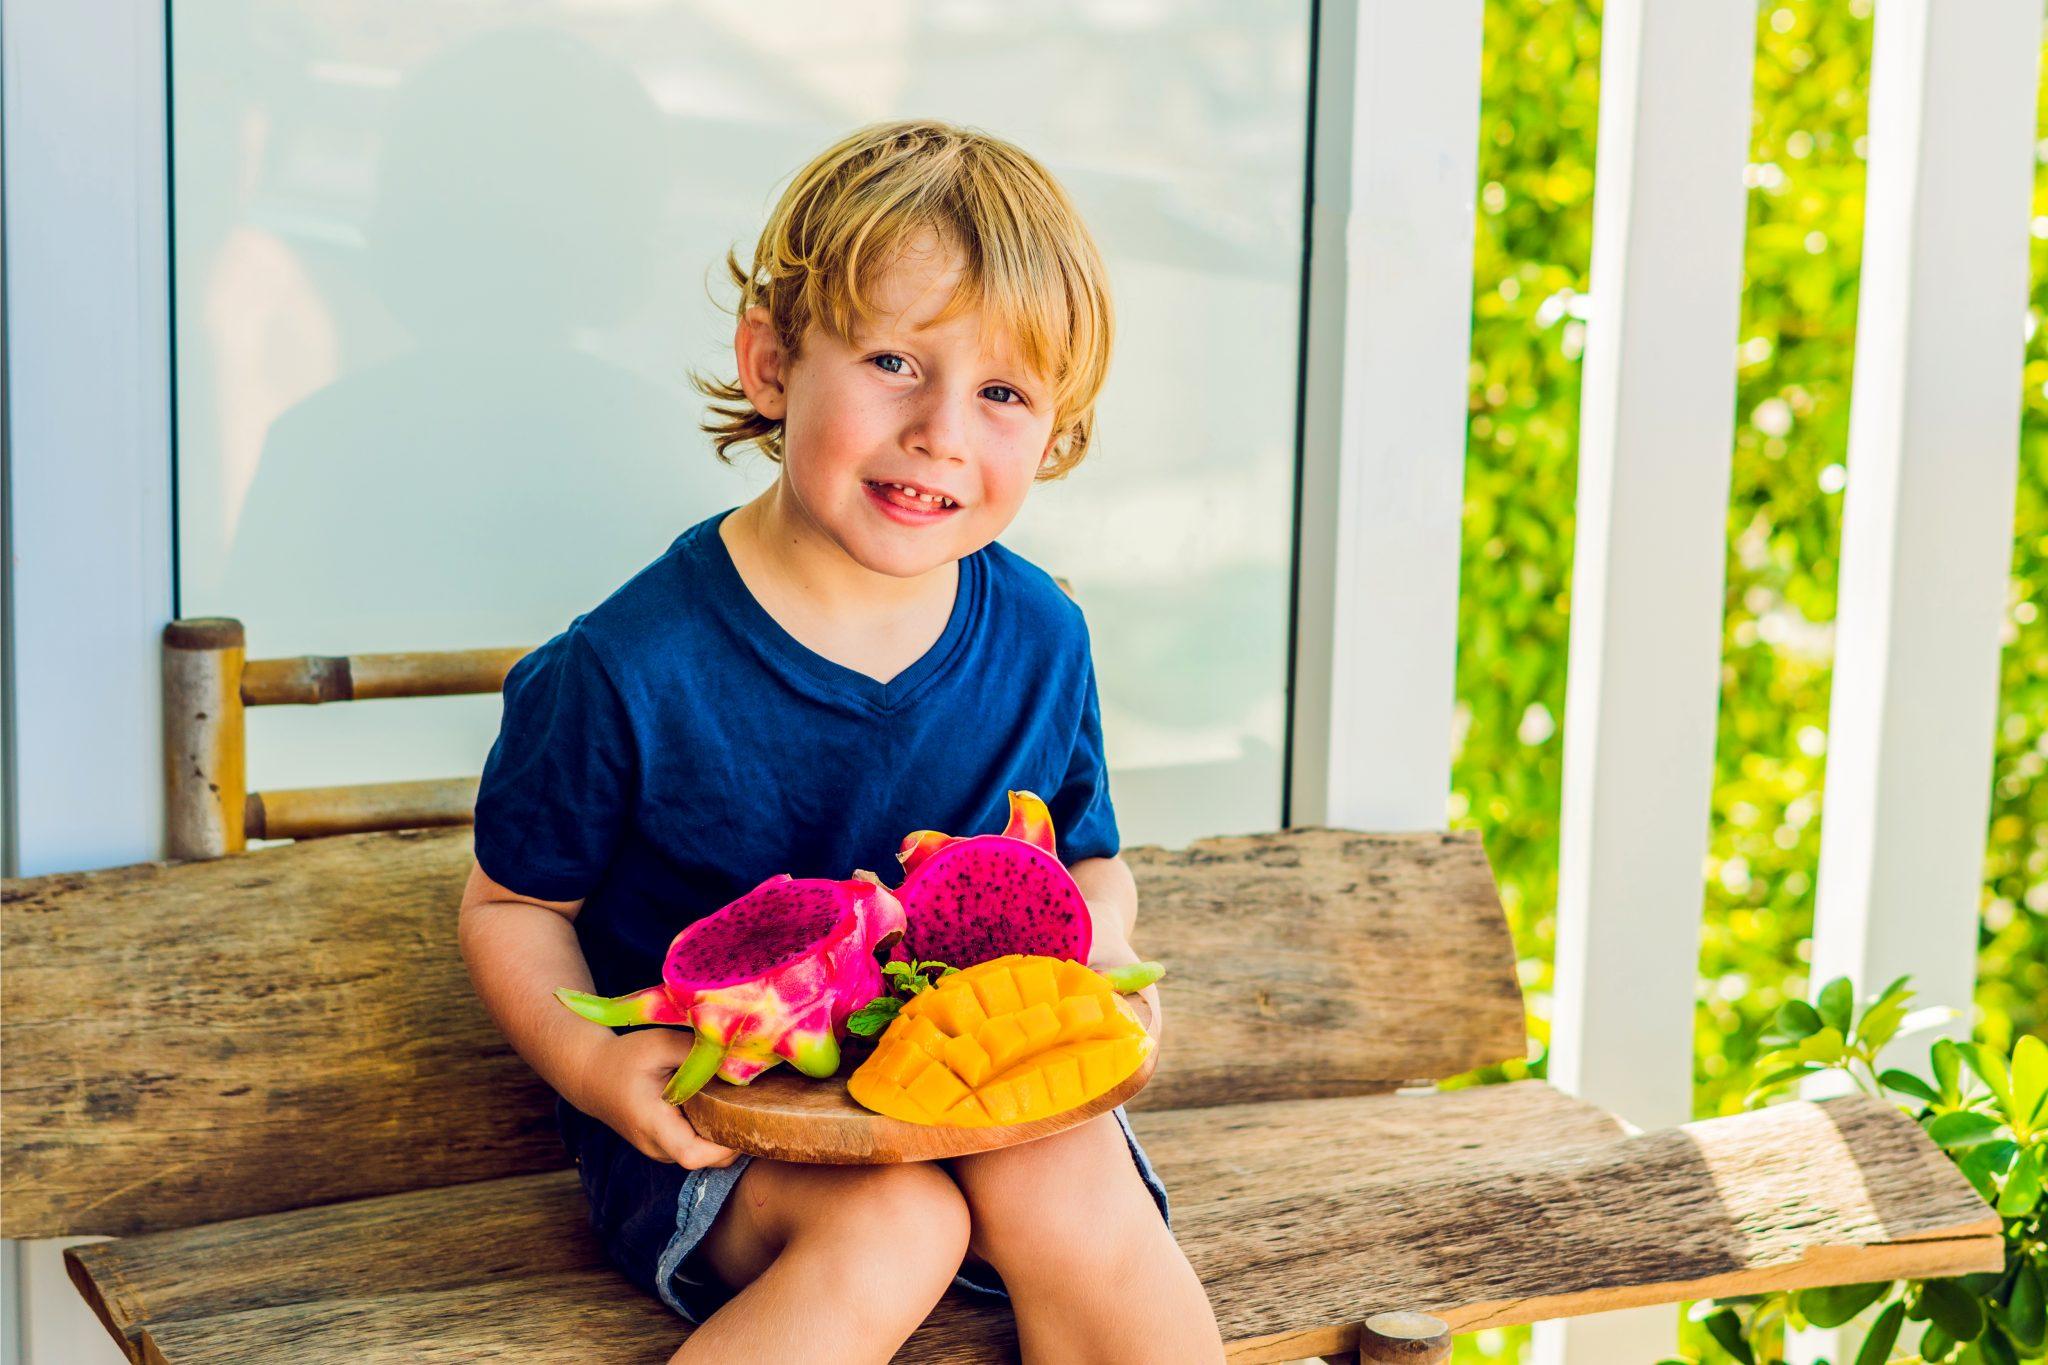 ドラゴンフルーツとマンゴーを持っている男の子